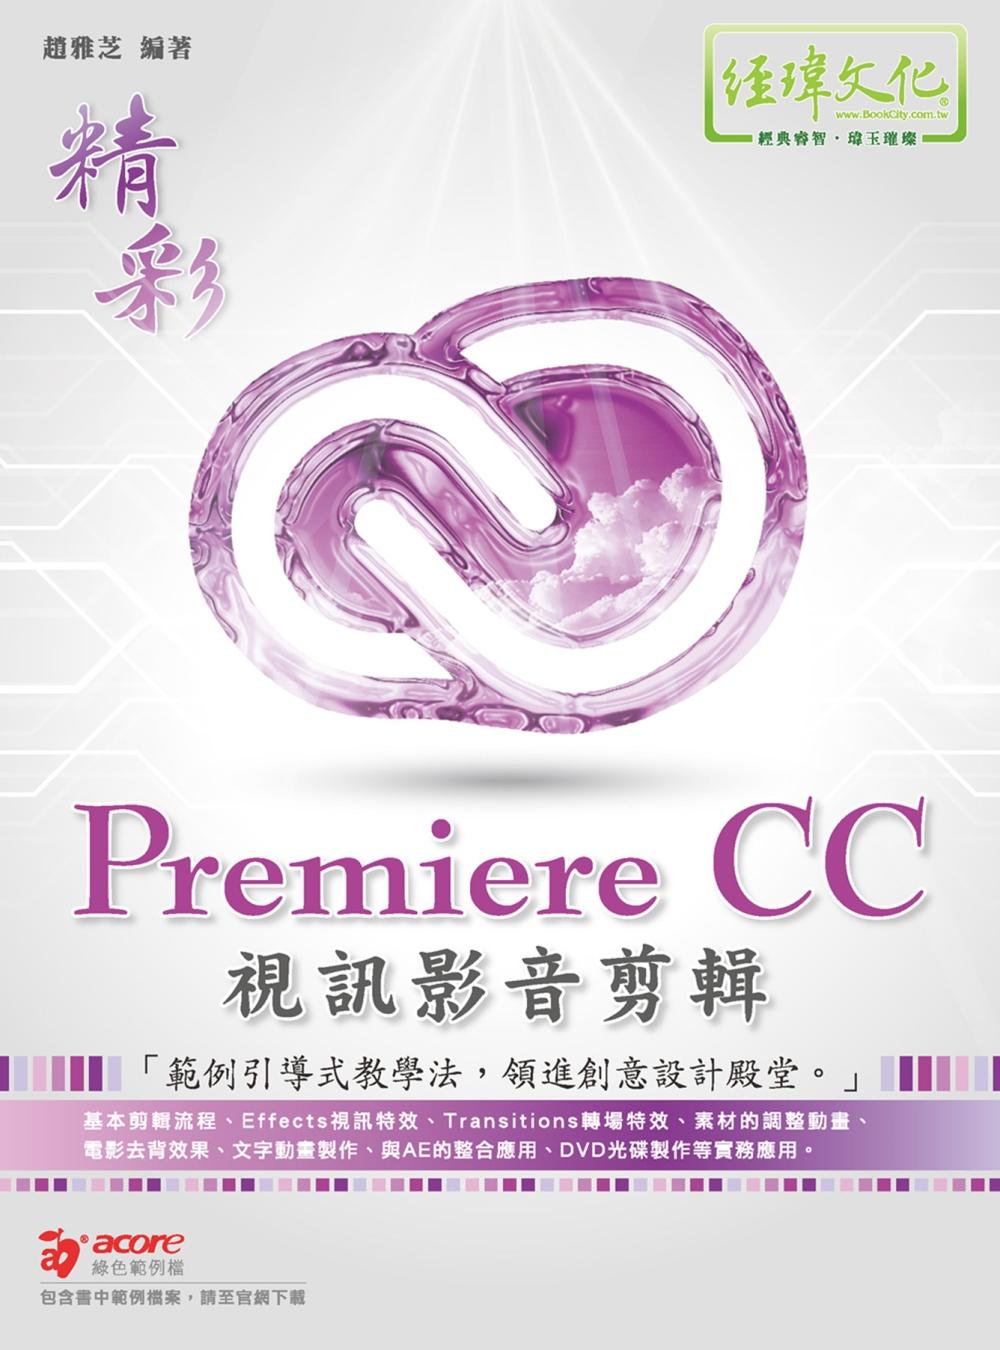 精彩 Premiere CC ...